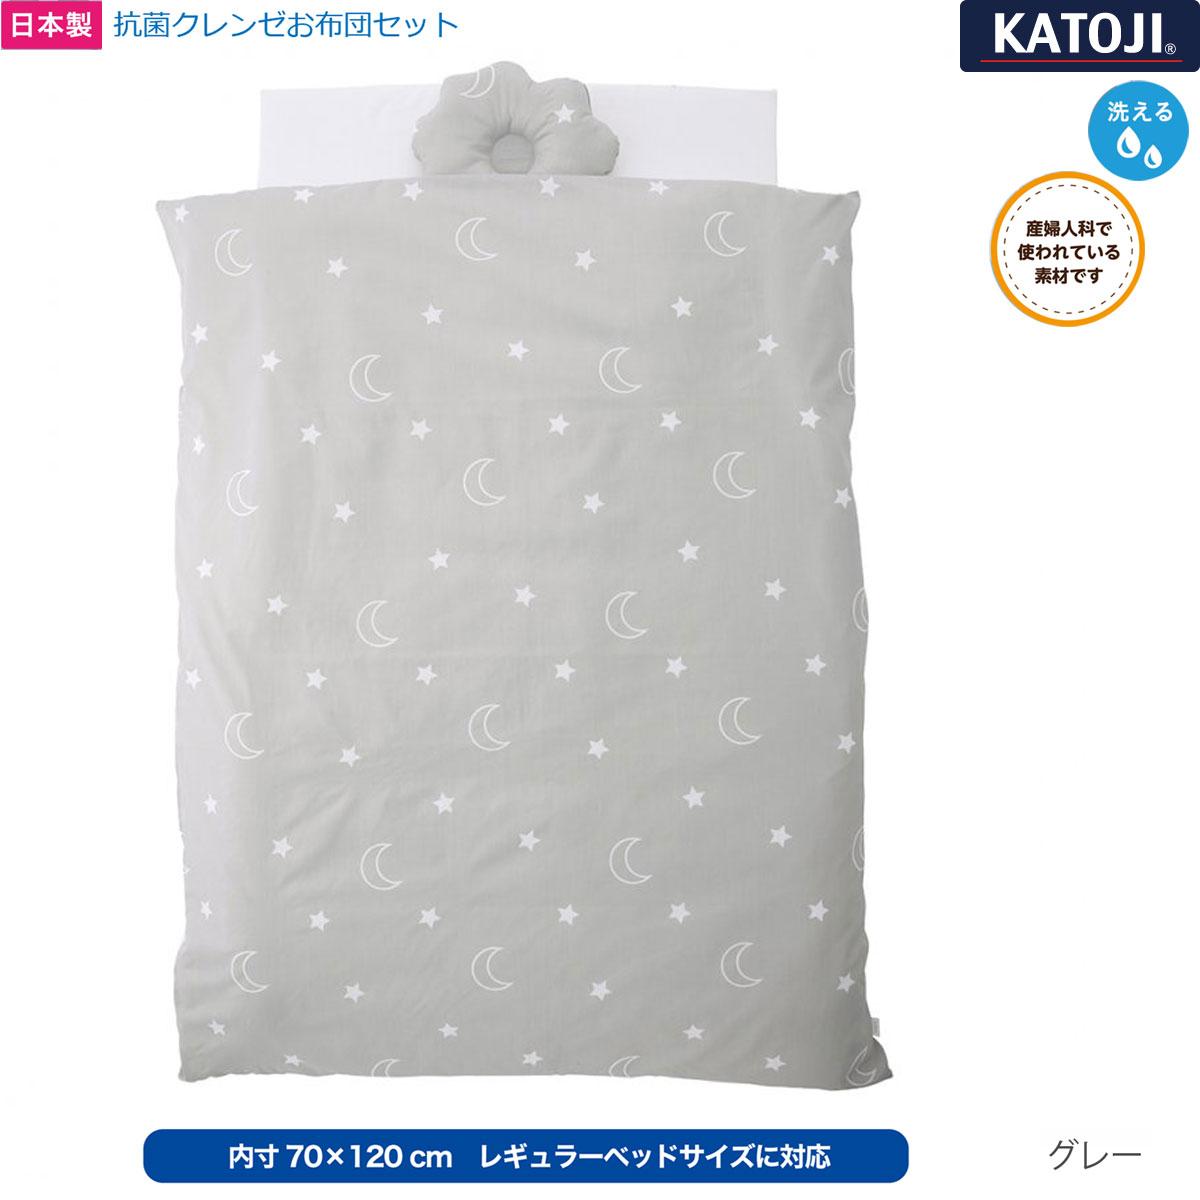 【送料無料】【日本製】カトージ 抗菌クレンゼ 布団6点セット グレー(05931)/【内寸70×120cm】レギュラーベッドに対応